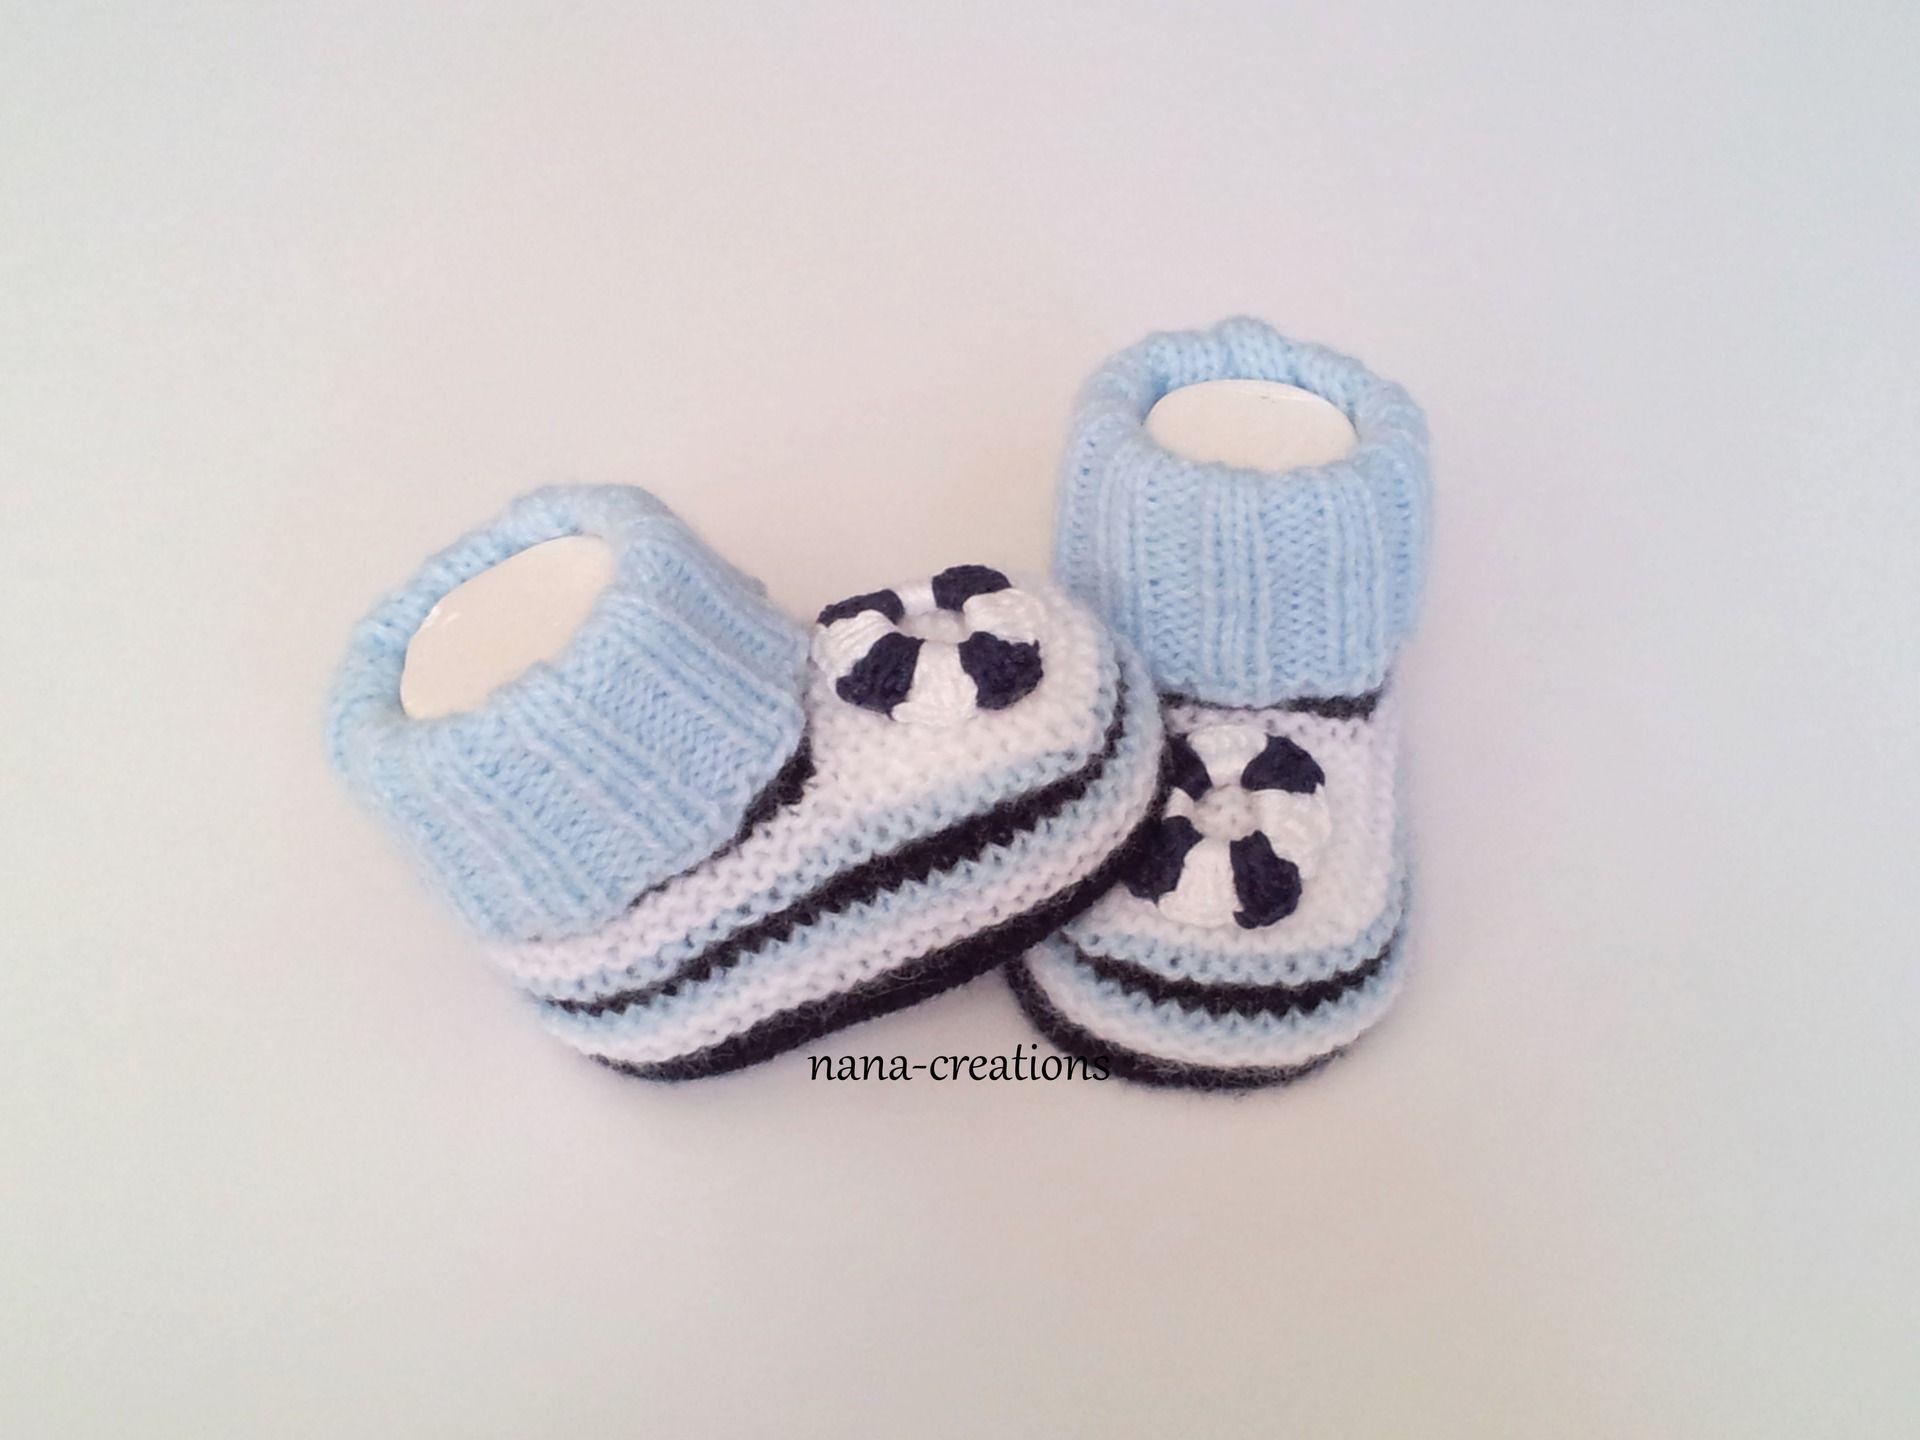 de9d9a2905561 Chaussons chaussettes bébé tricoté en laine layette